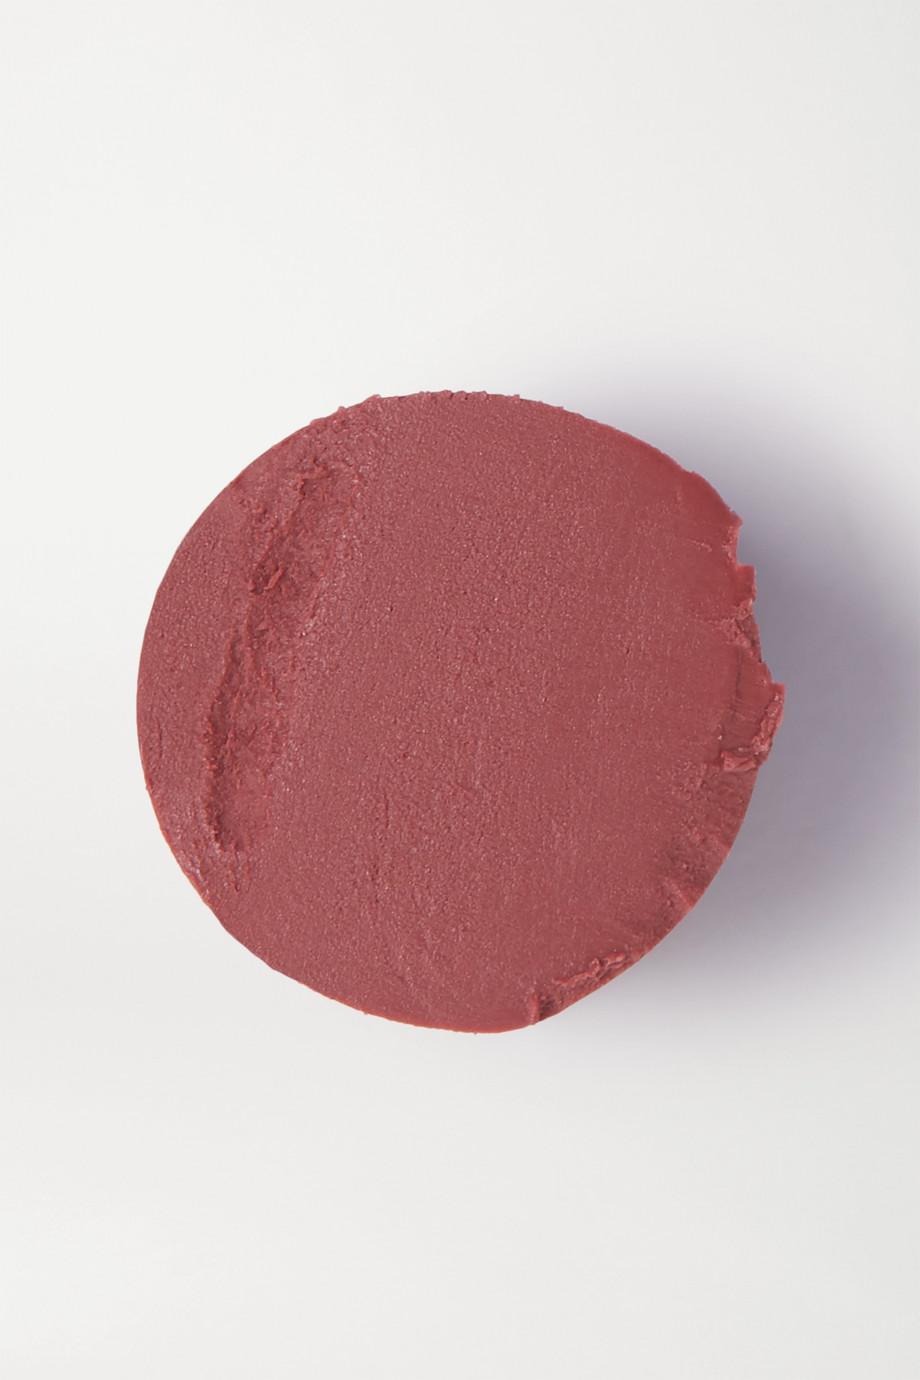 Bobbi Brown Crushed Lip Color - Italian Rose